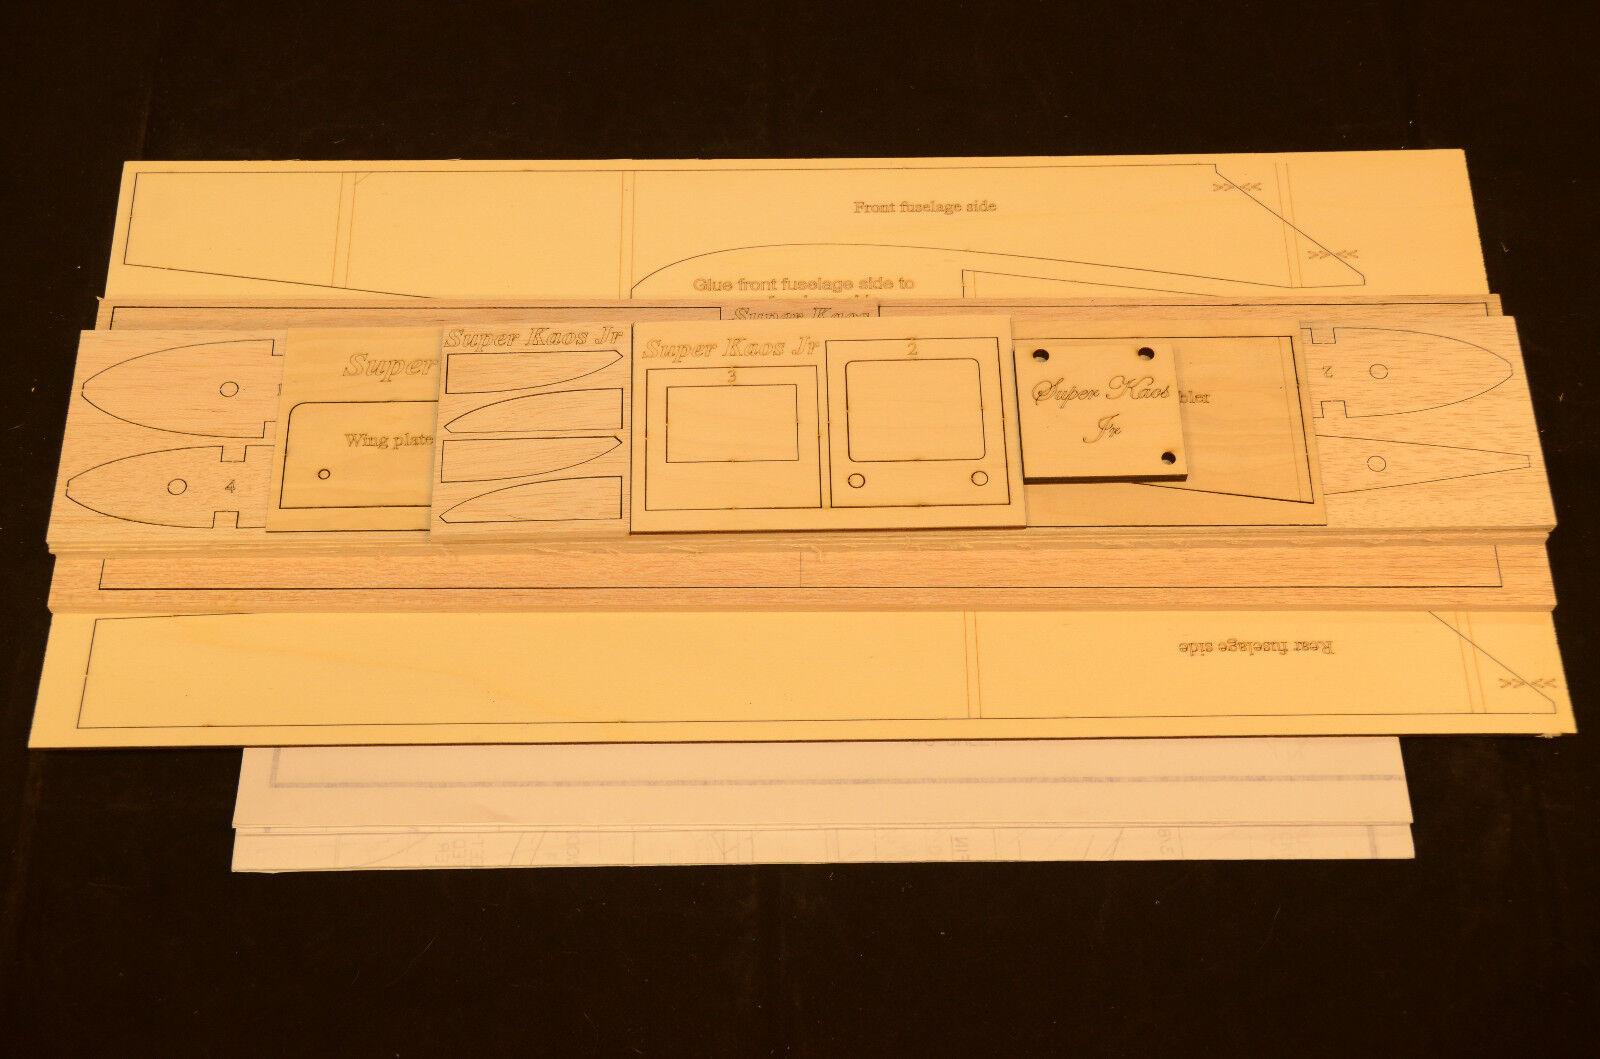 Súper Kaos Jr Diseño Avión Corta Kit, Planes & Instrucción 52 Envergadura